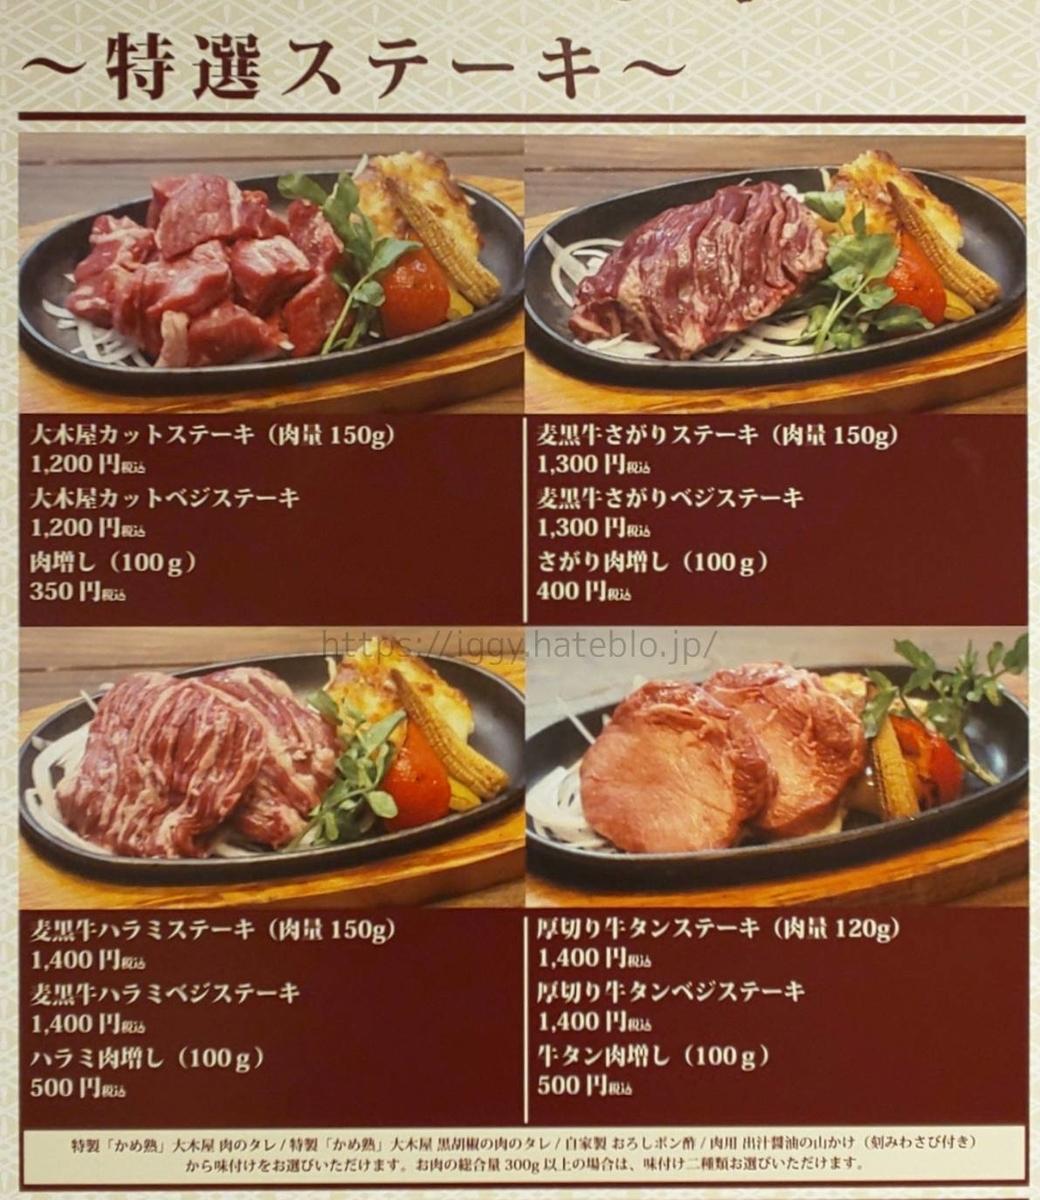 「肉処 大木屋」メニュー「特選ステーキ」福岡パルコ店 LIFE